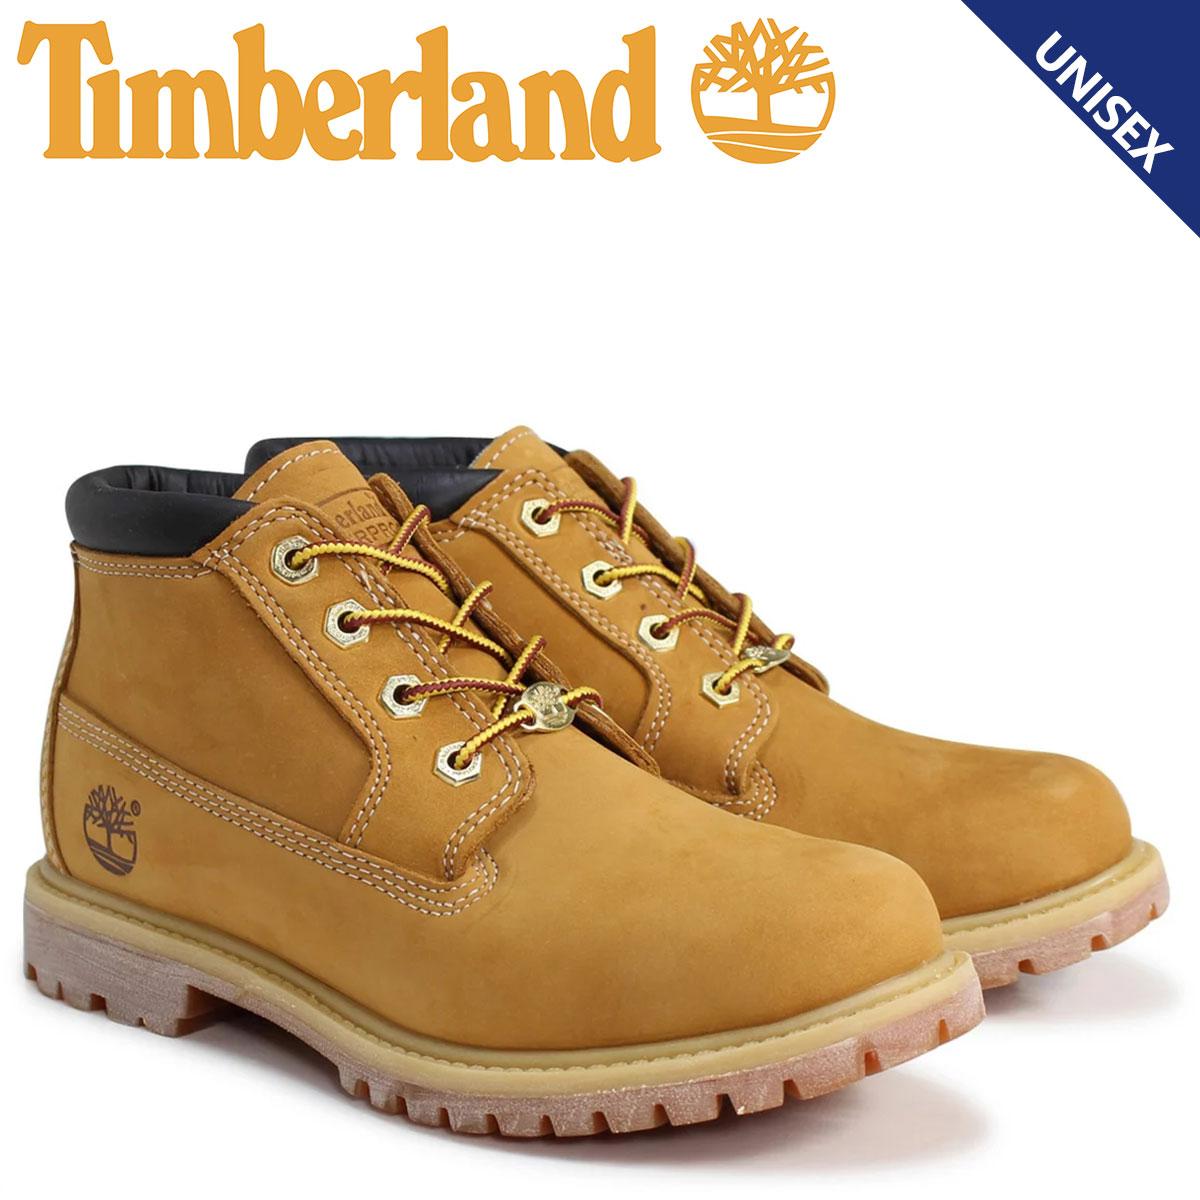 ティンバーランド Timberland チャッカ ブーツ レディース メンズ NELLIE CHUKKA DOUBLE WATERPLOOF BOOTS Wワイズ 防水 ウィート 23399